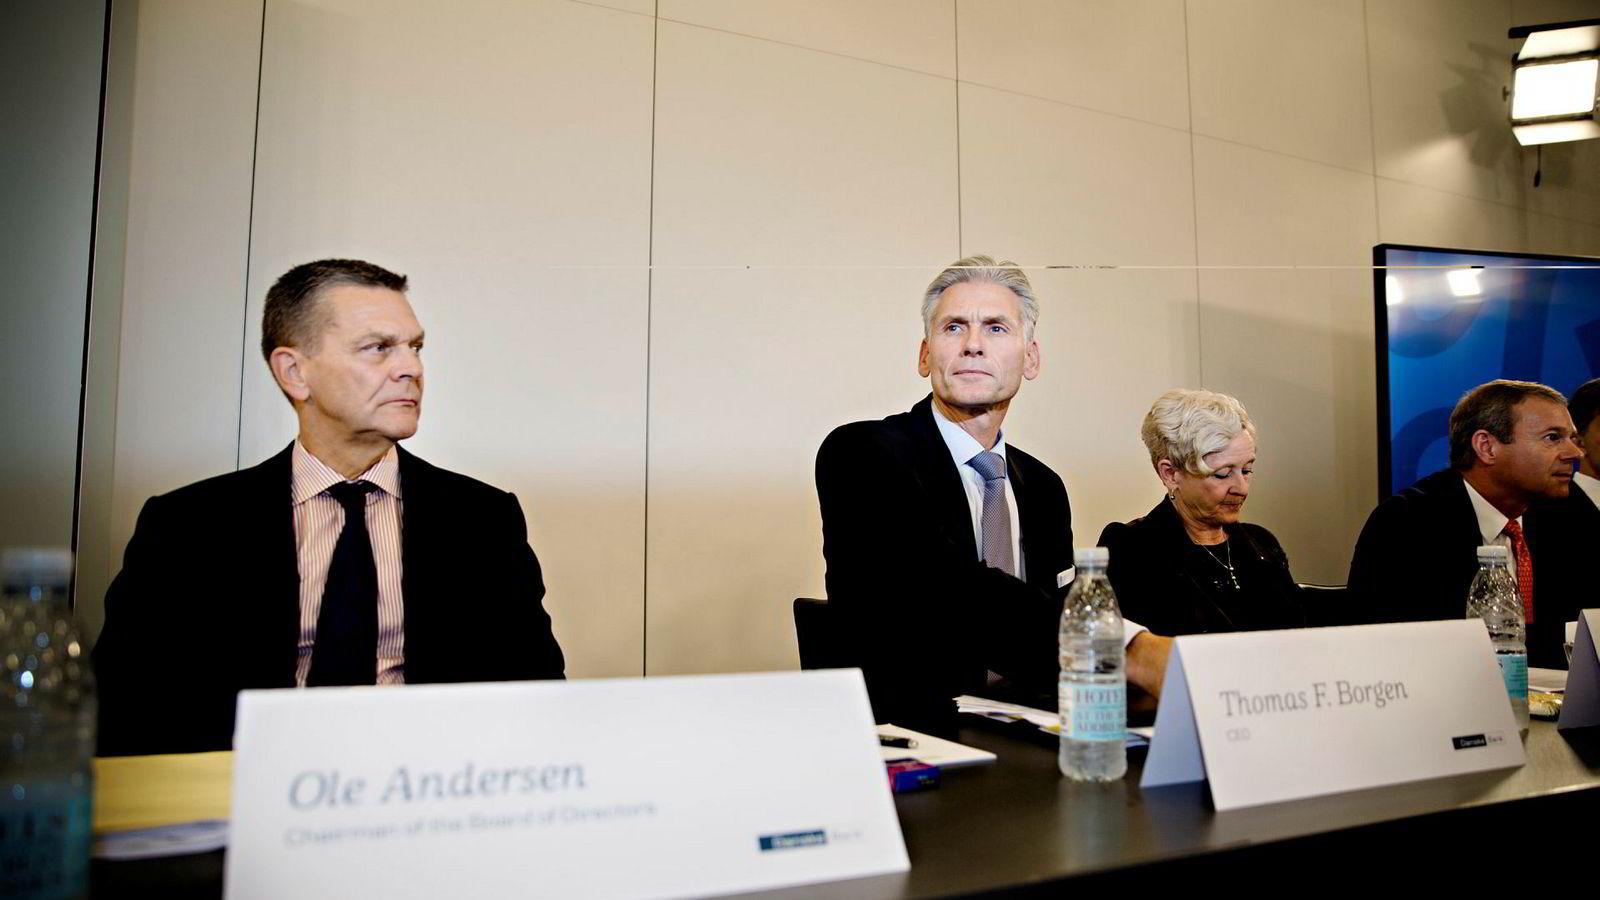 Tidligere styreleder Ole Andersen (til venstre) og tidligere toppsjef Thomas Borgen er begge blant de saksøkte.